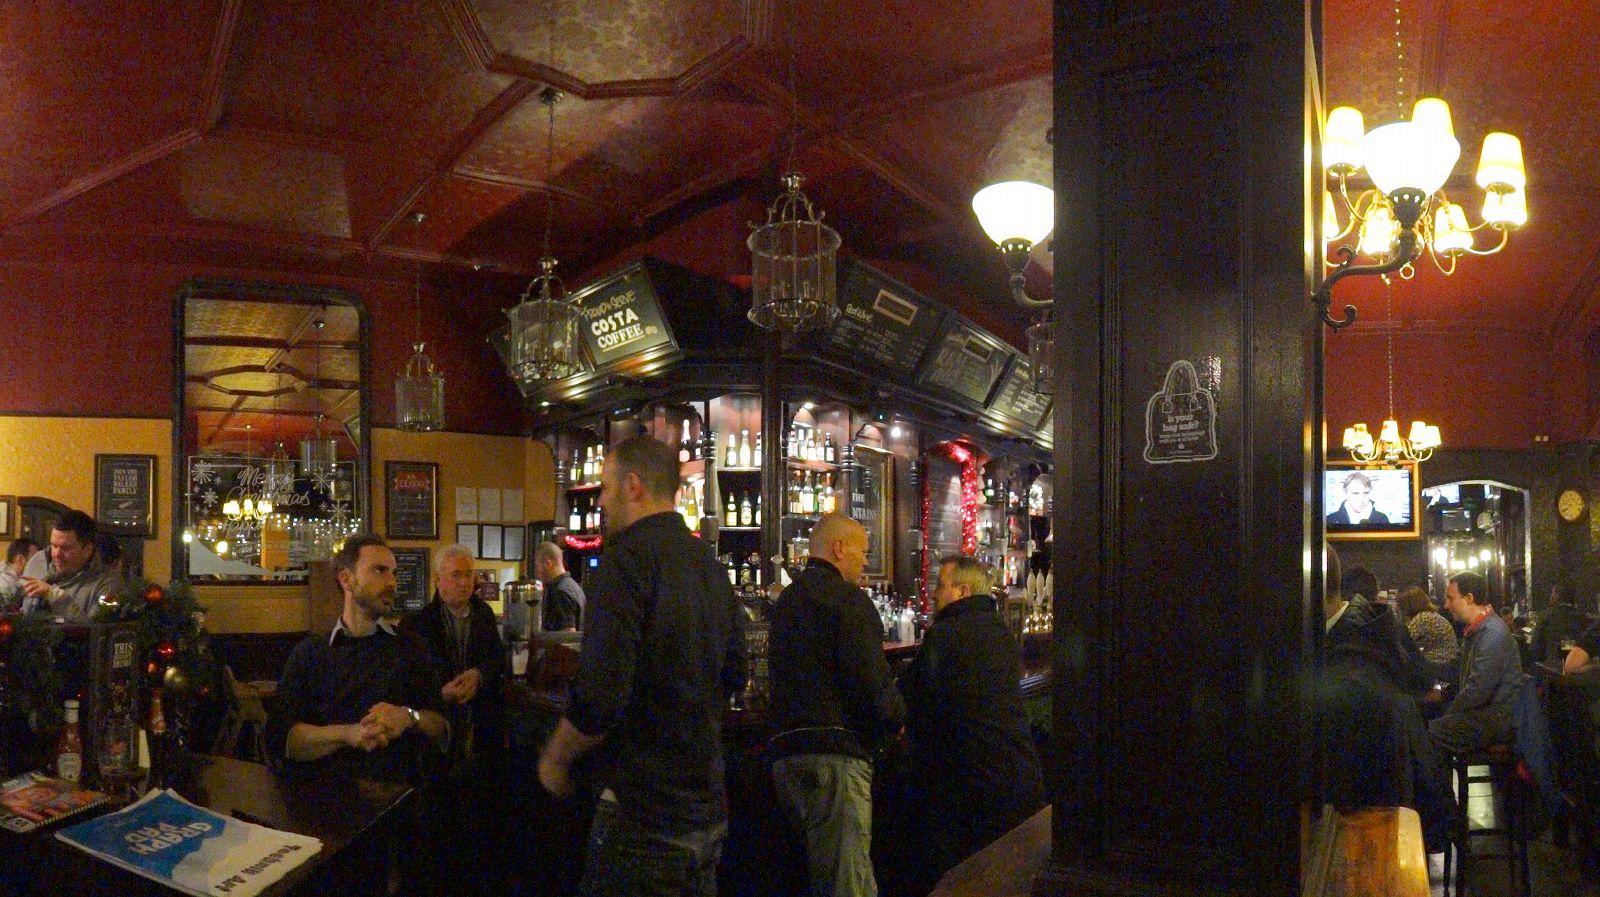 ビールのハーフサイズ (イギリスではビールの単位は1パイント = 568... ASTROの世界